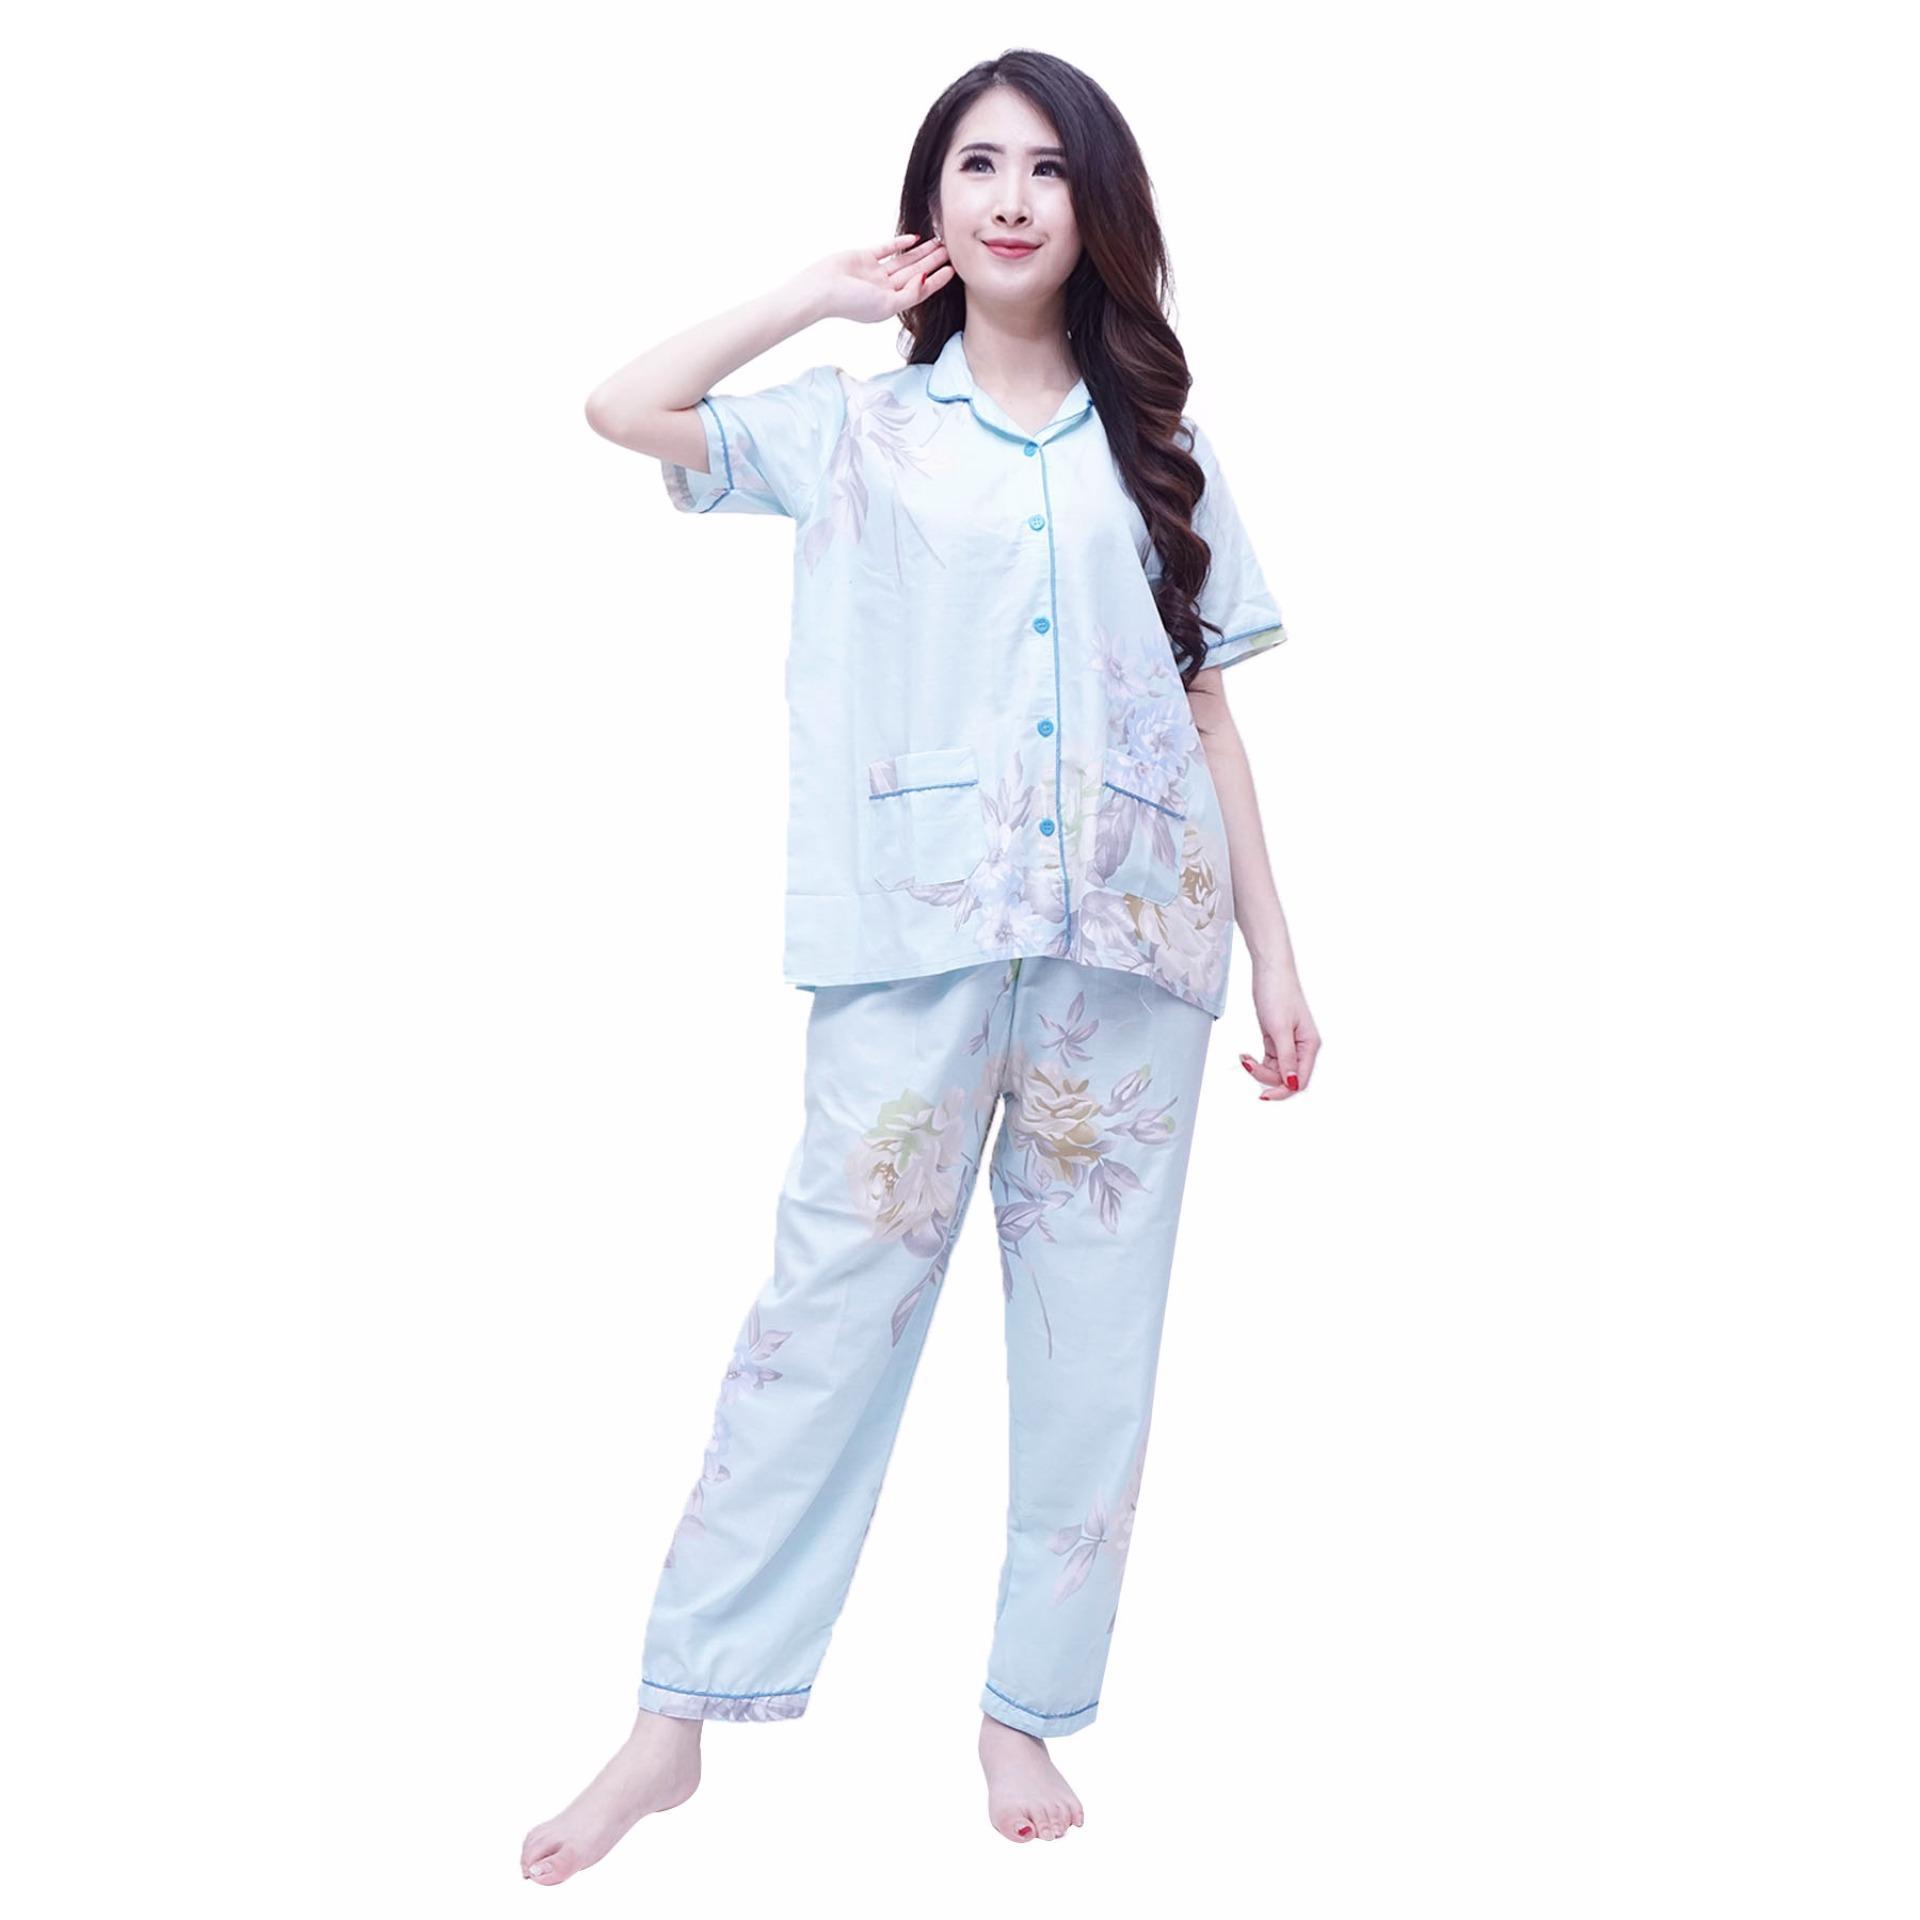 Jual Quincy Baju Tidur Gretha Piyama Celana Panjang Tosca Termurah